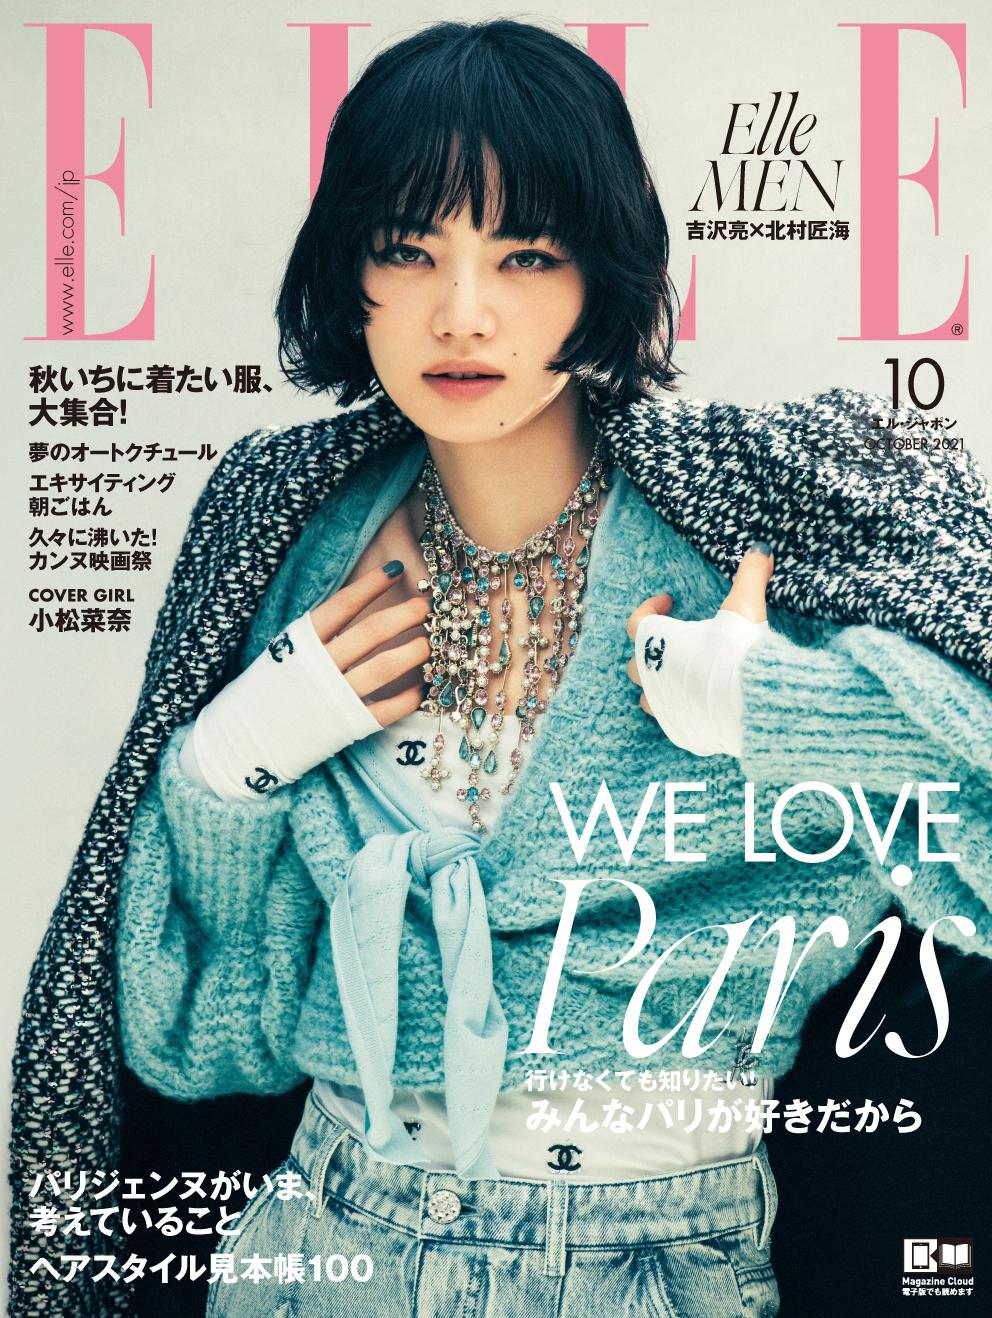 『エル・ジャポン』10月号 表紙 ELLE JAPON October 2021 Photo SHUNYA ARAI/yard